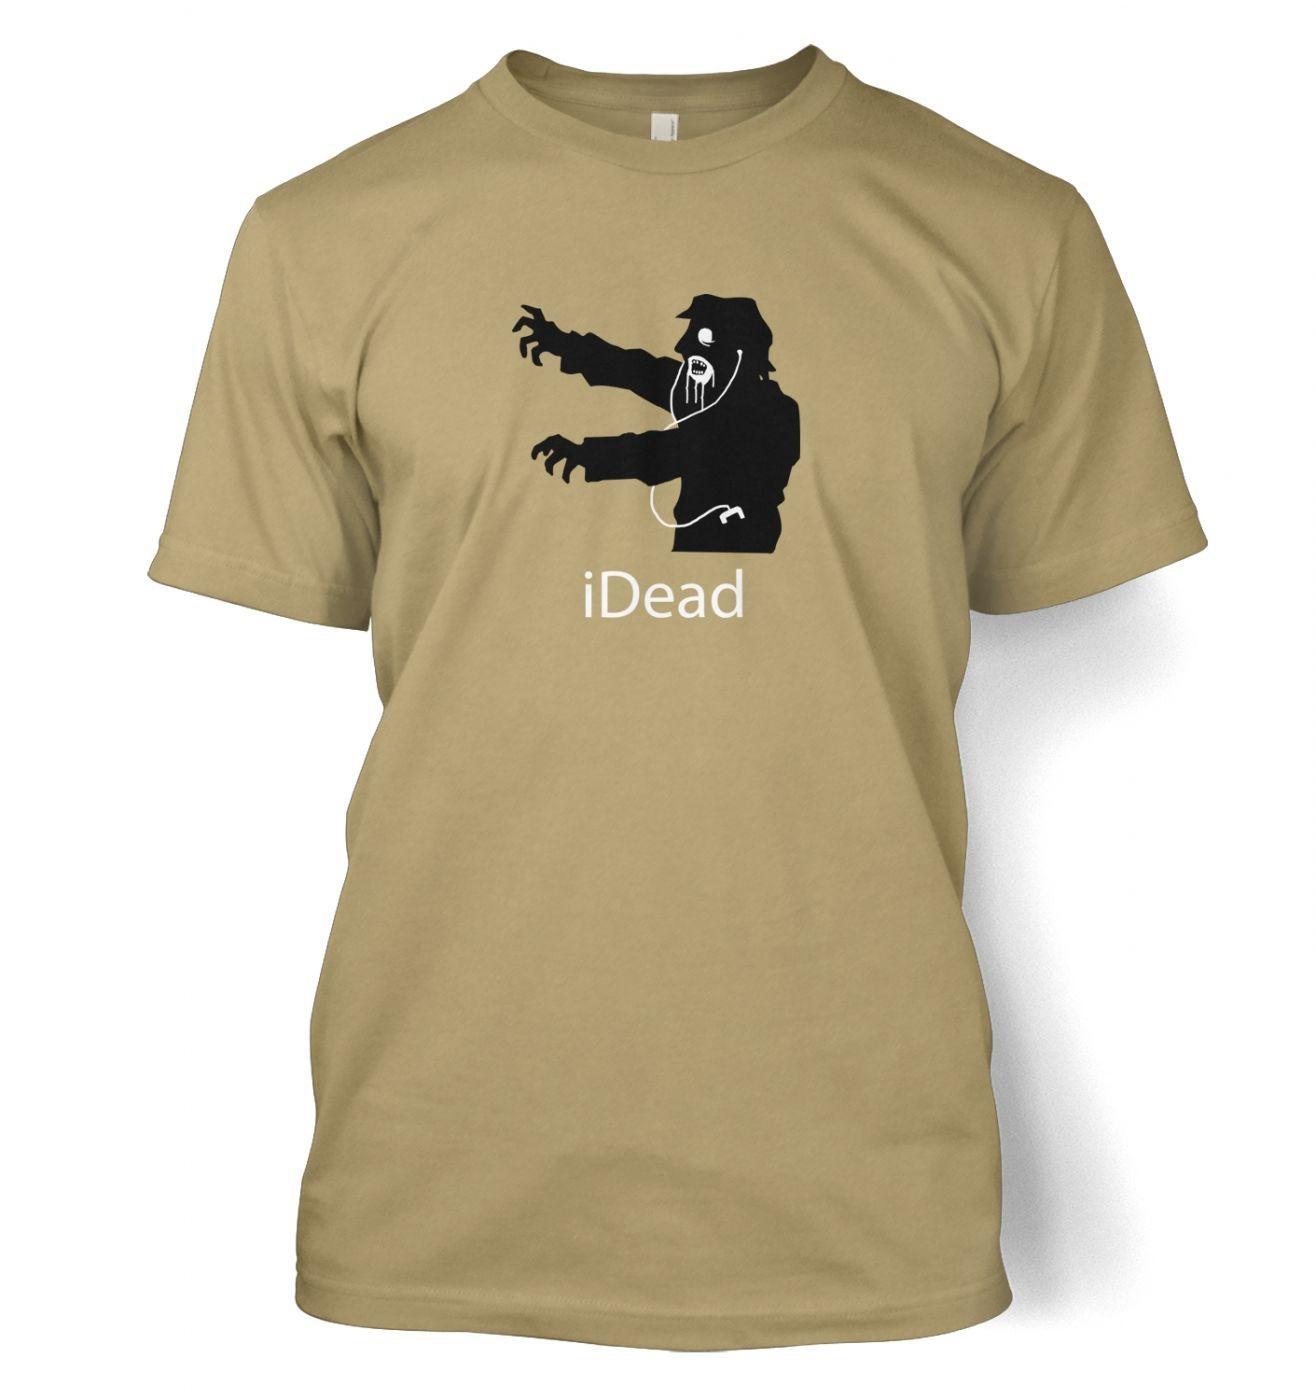 iDead men's t-shirt